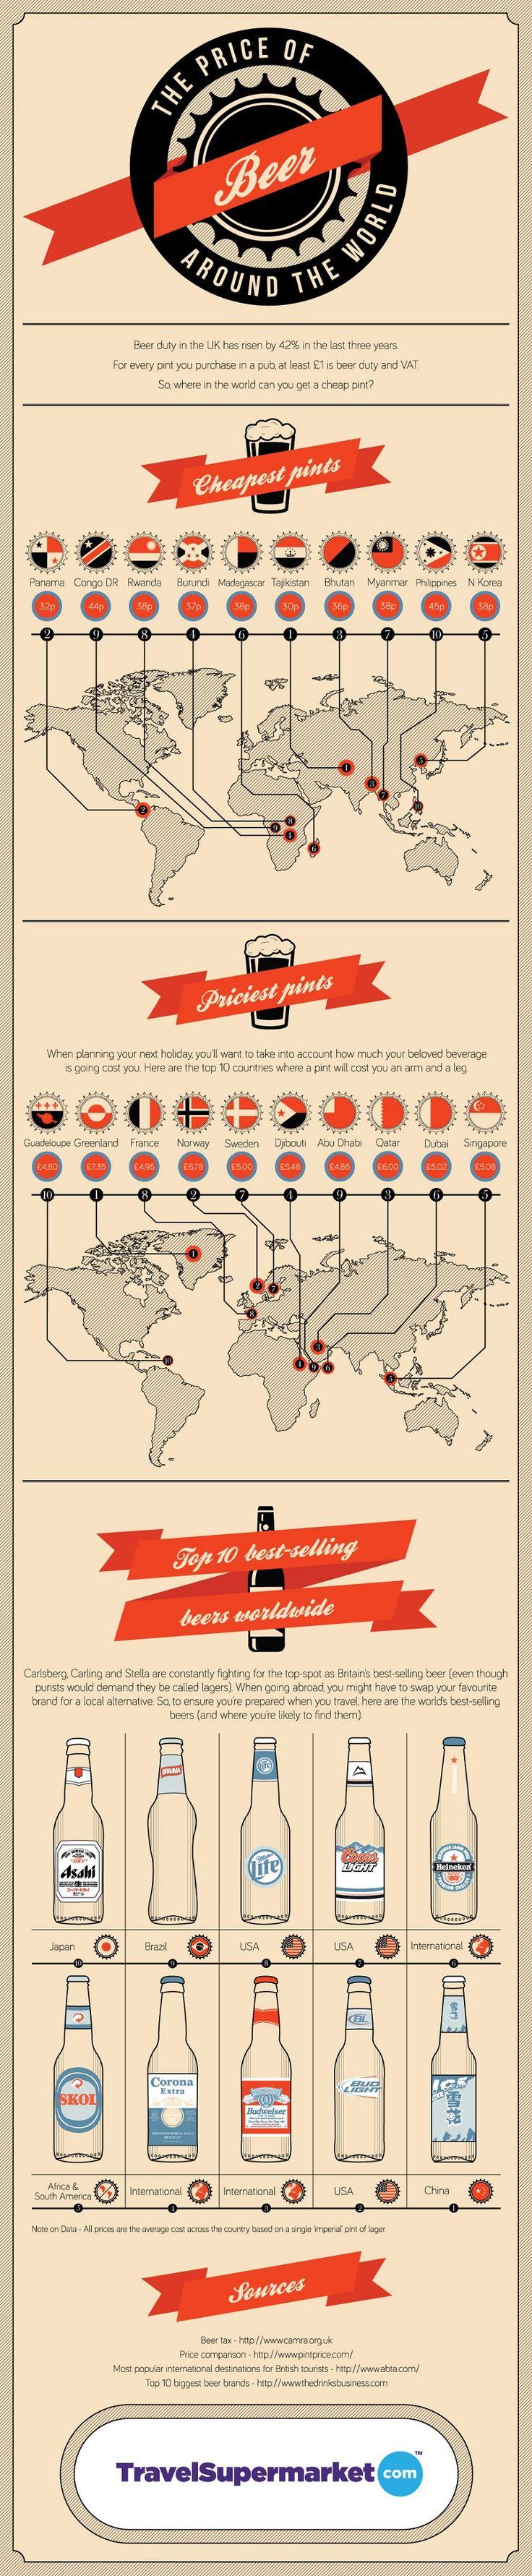 Scopriamo quali sono i paesi dove trovare la birra meno cara e quelli da evitare perché troppo costosa. In fondo all'#infografica troviamo anche le 10 #birre più vendute al mondo. http://www.b-eat.it/digital/infografiche-sulla-birra